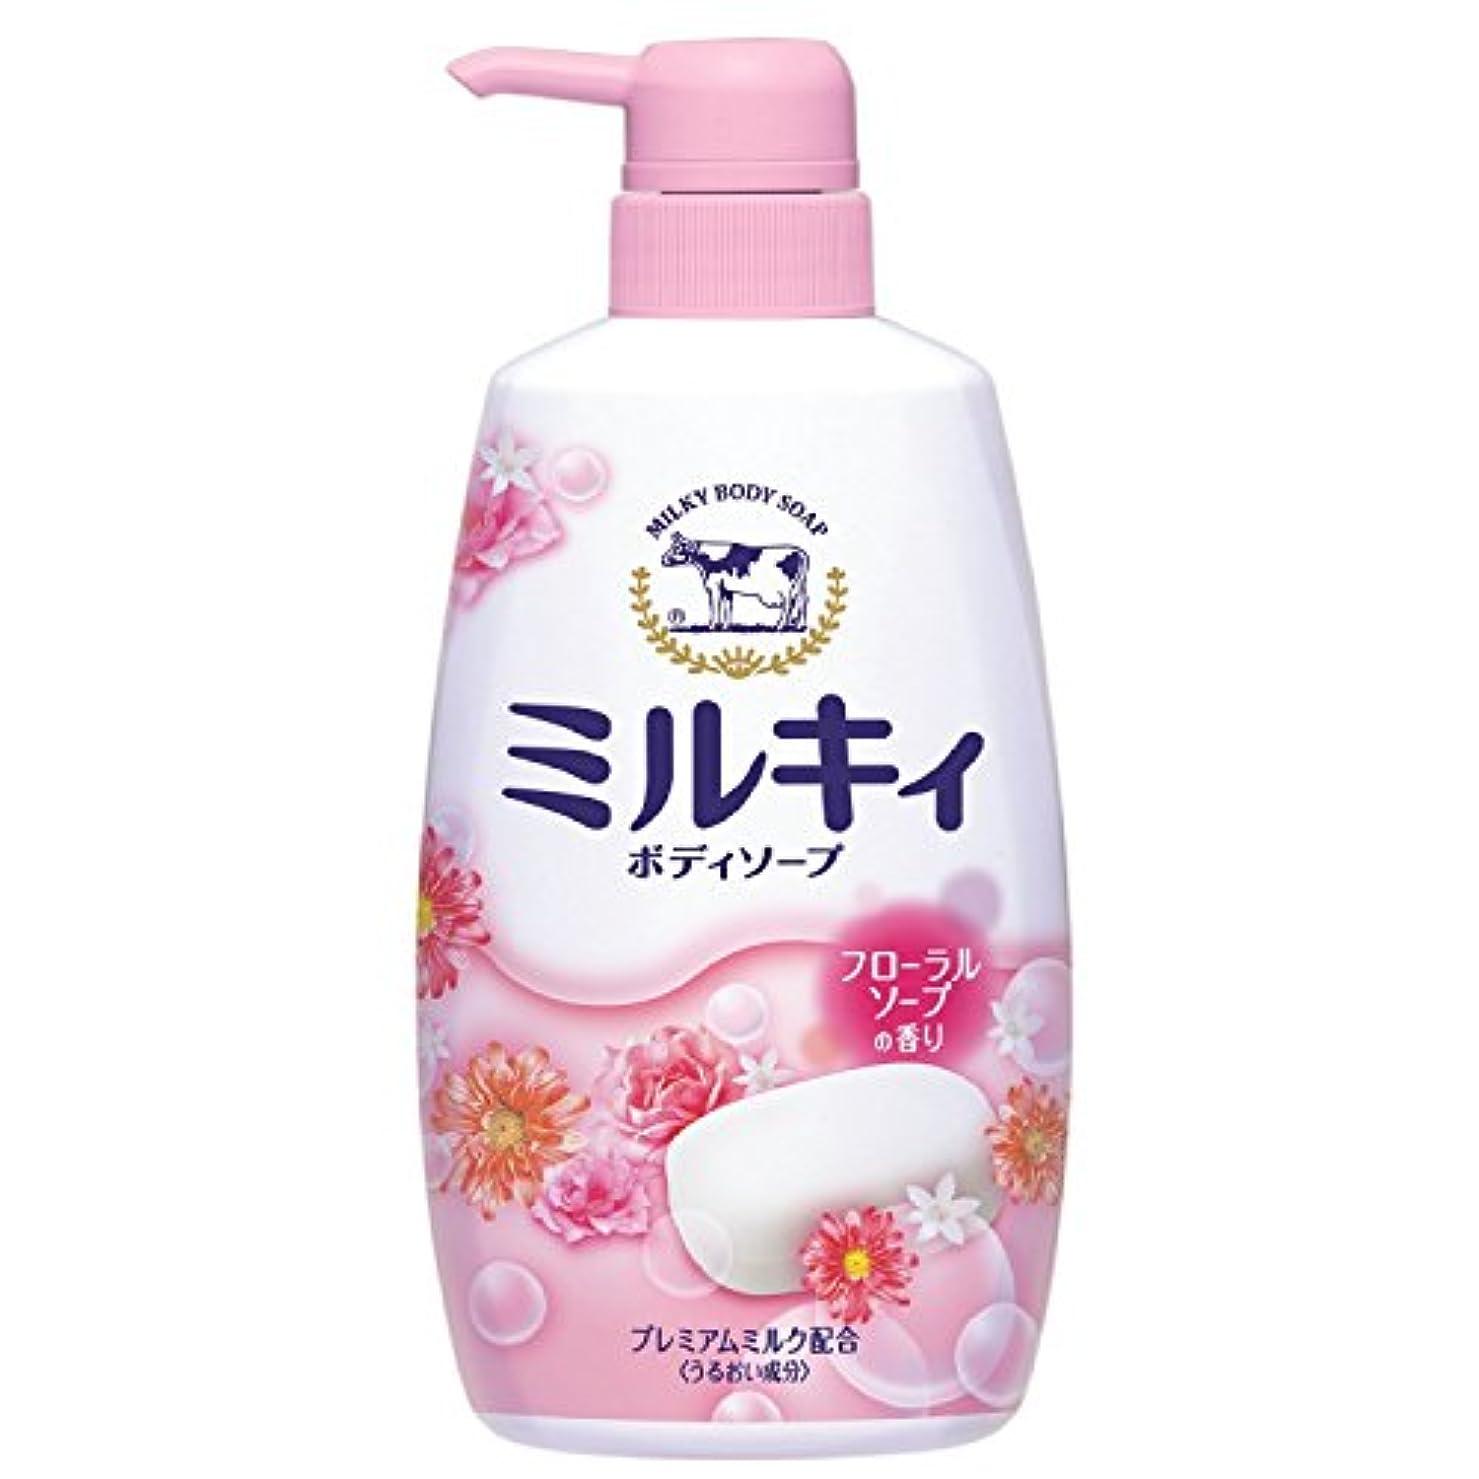 以降私汚物ミルキィ ボディソープ フローラルソープの香り ポンプ 550mL